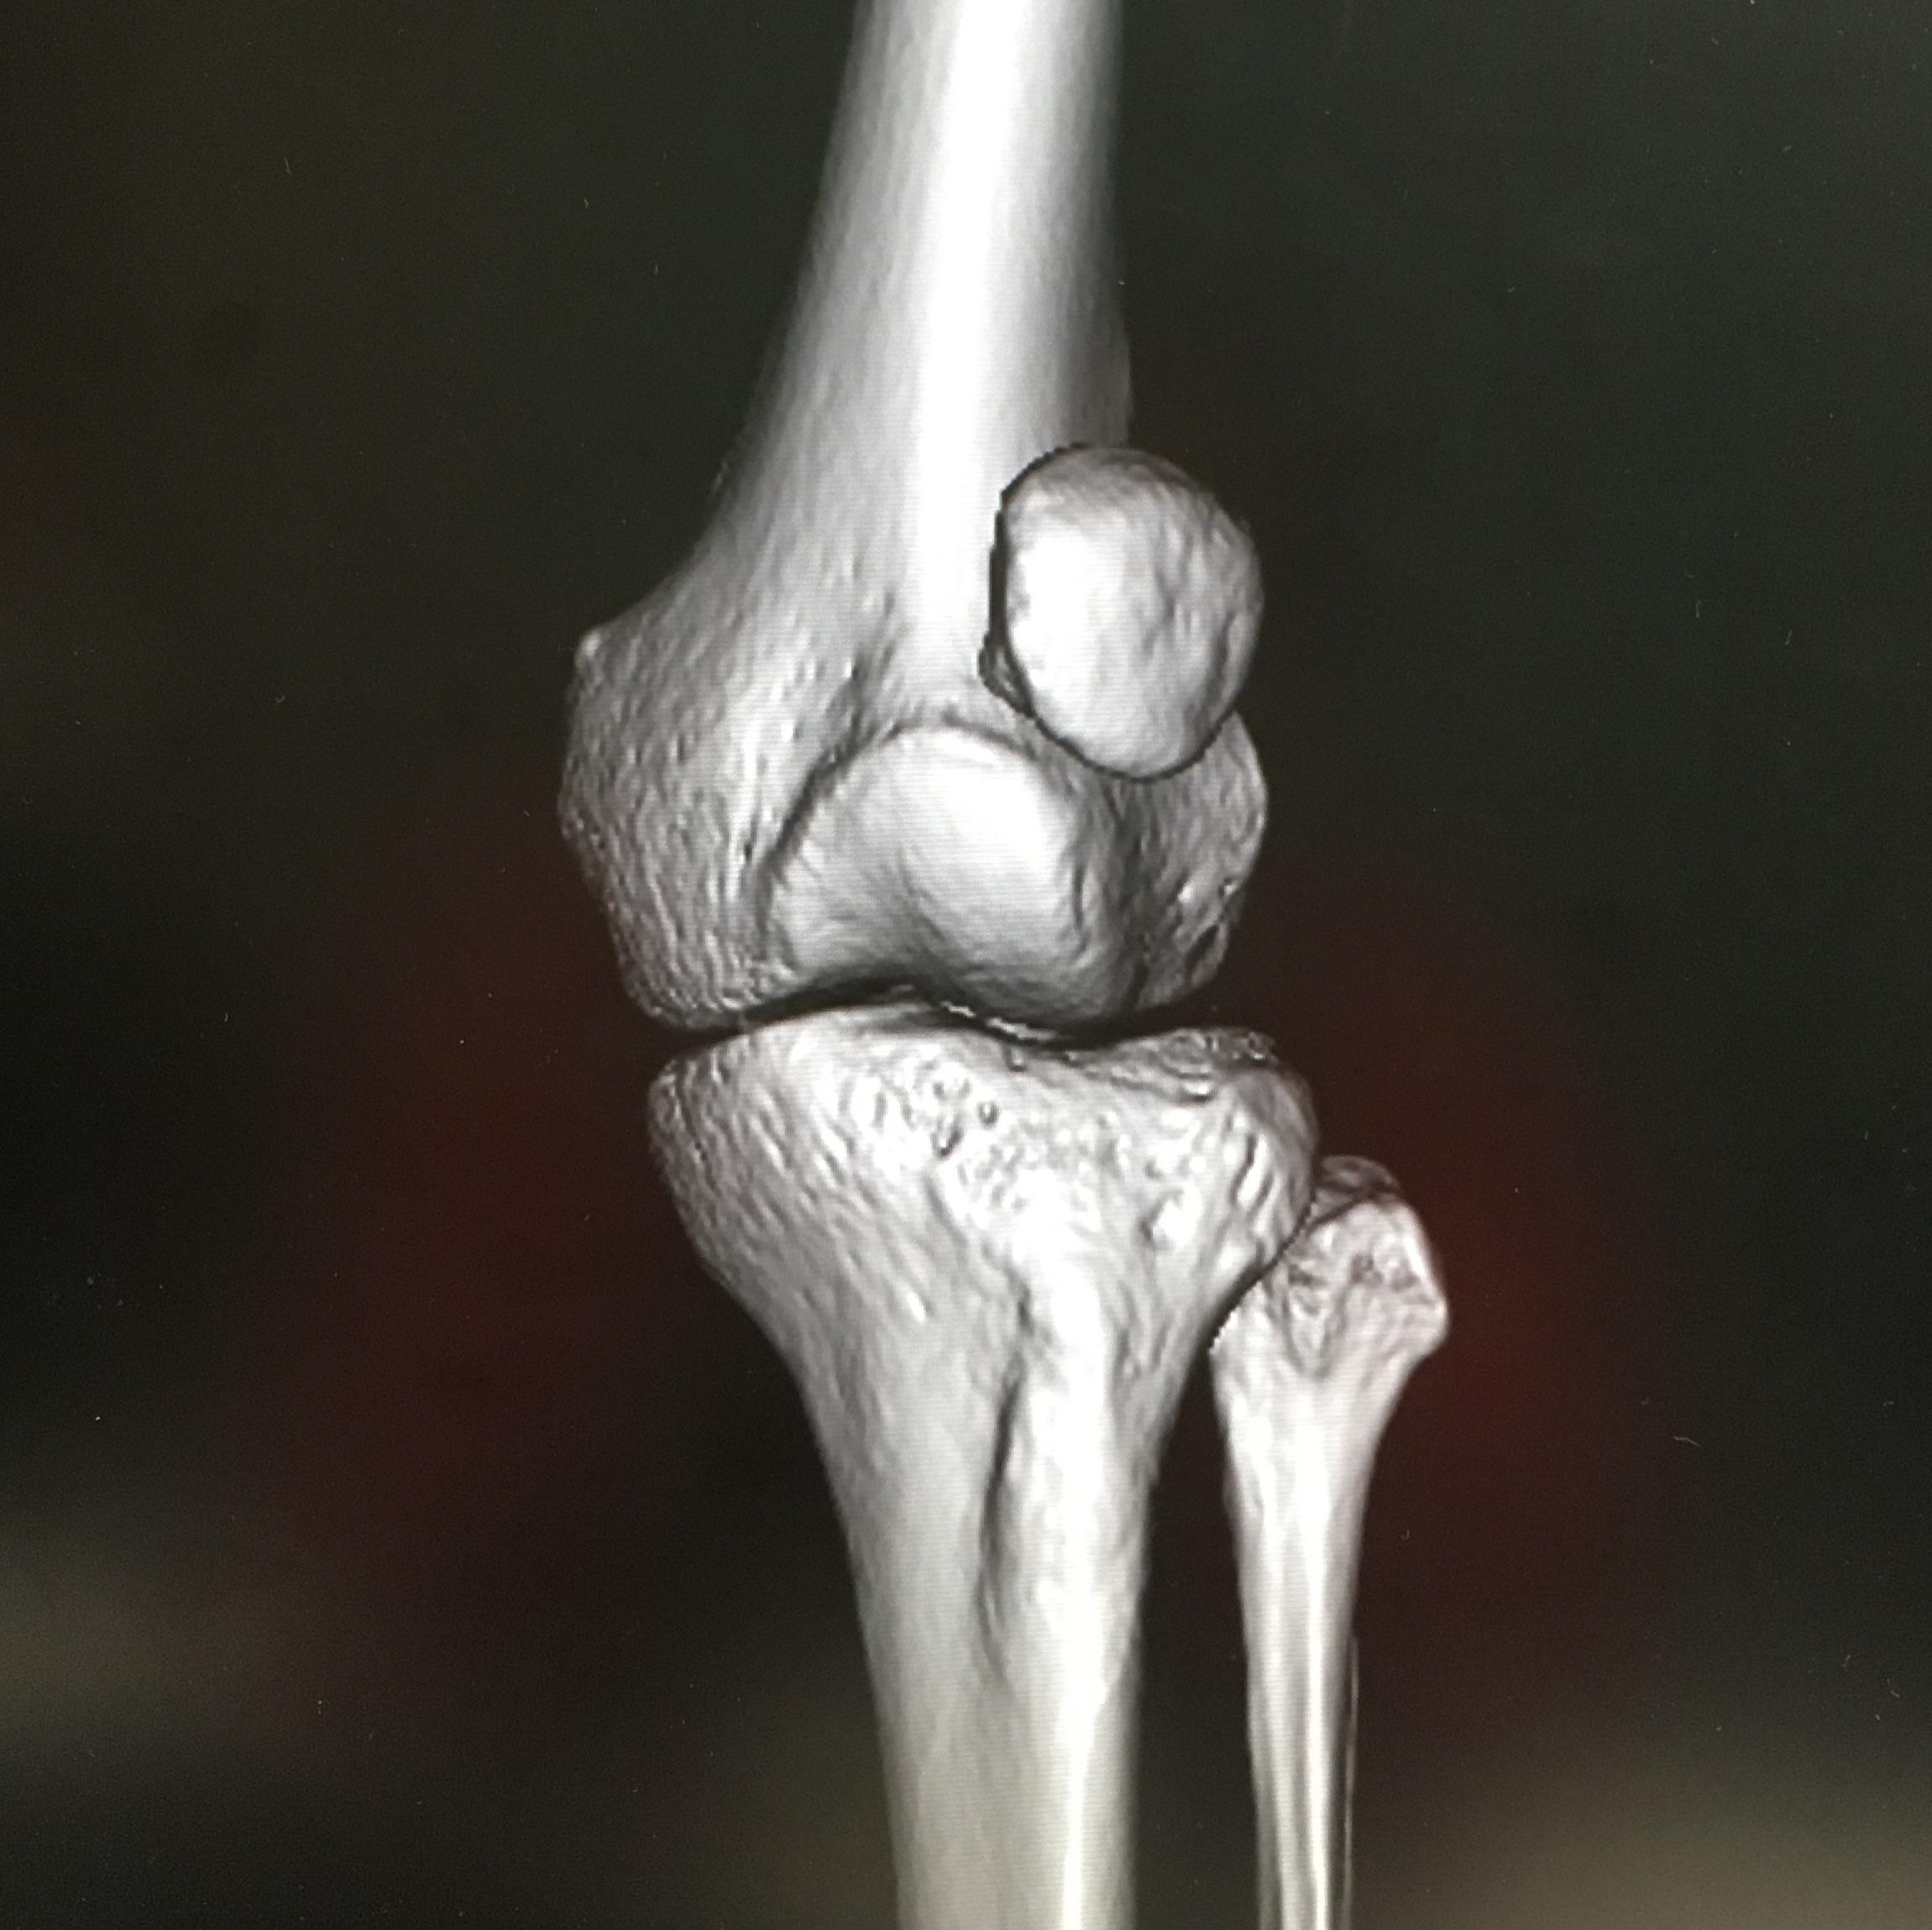 外方偏位した膝蓋骨